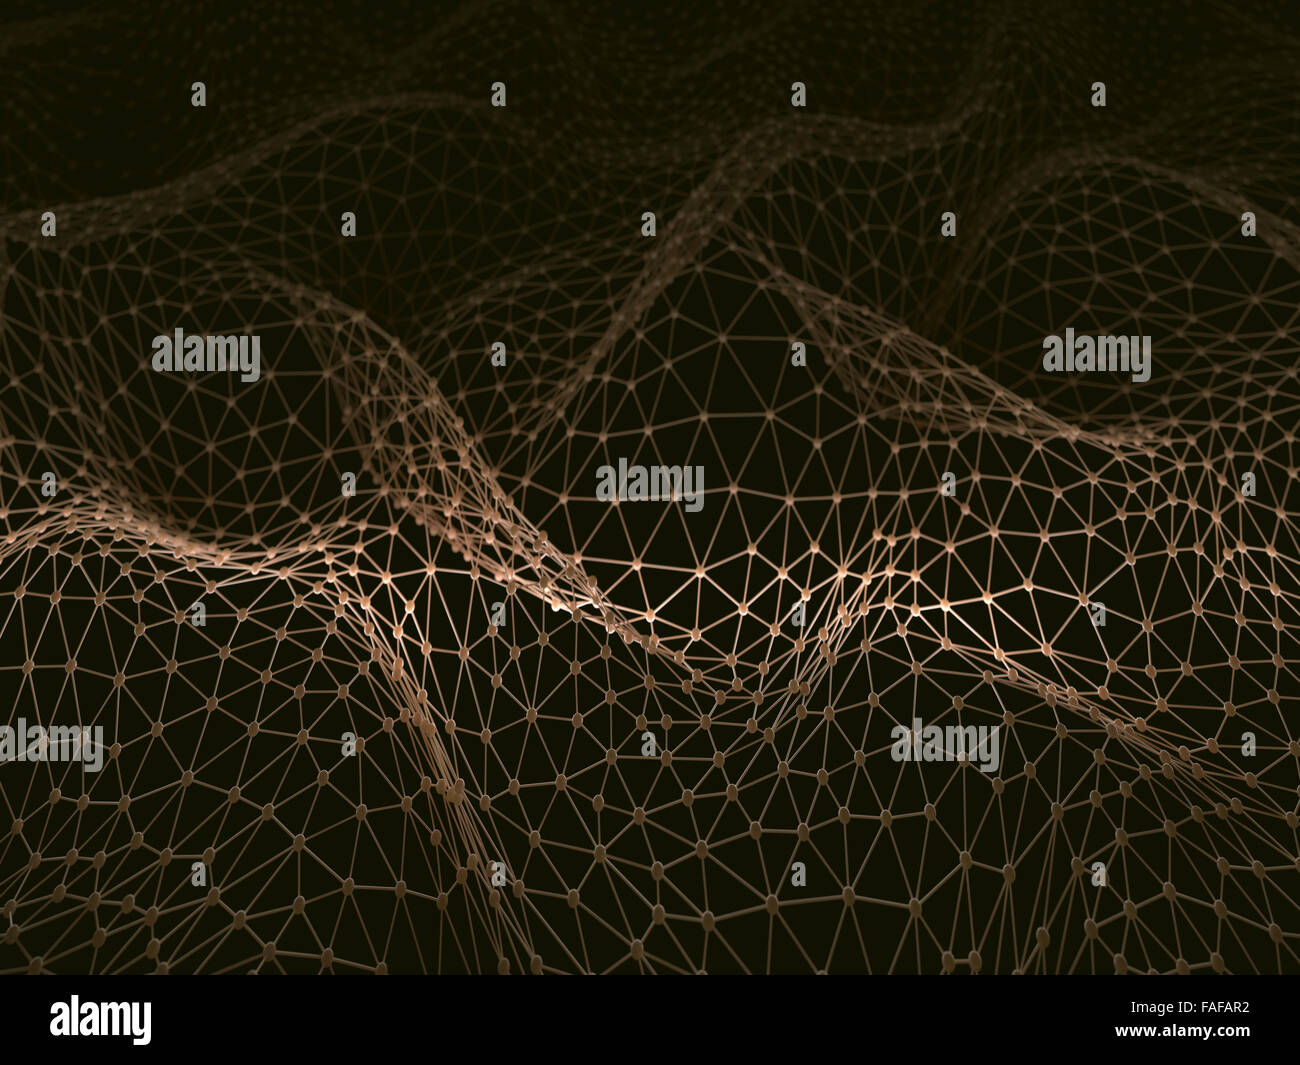 Image abstraite représentant les liaisons de communication et technologies de l'information. Image avec Photo Stock